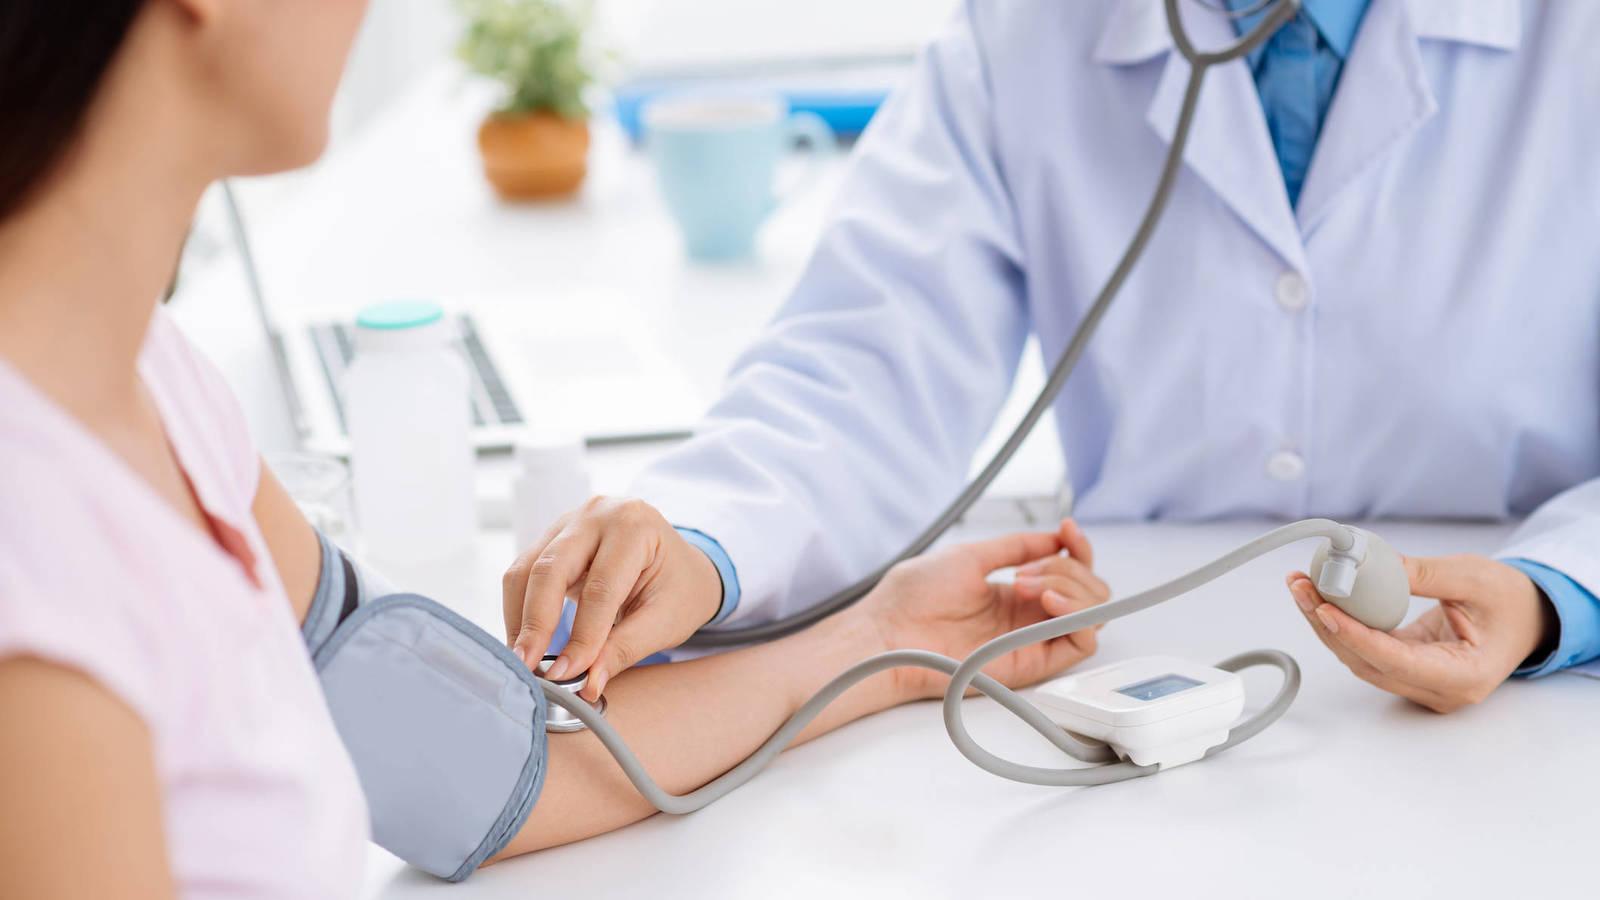 ¿Por qué se debe cuidar la presión arterial?